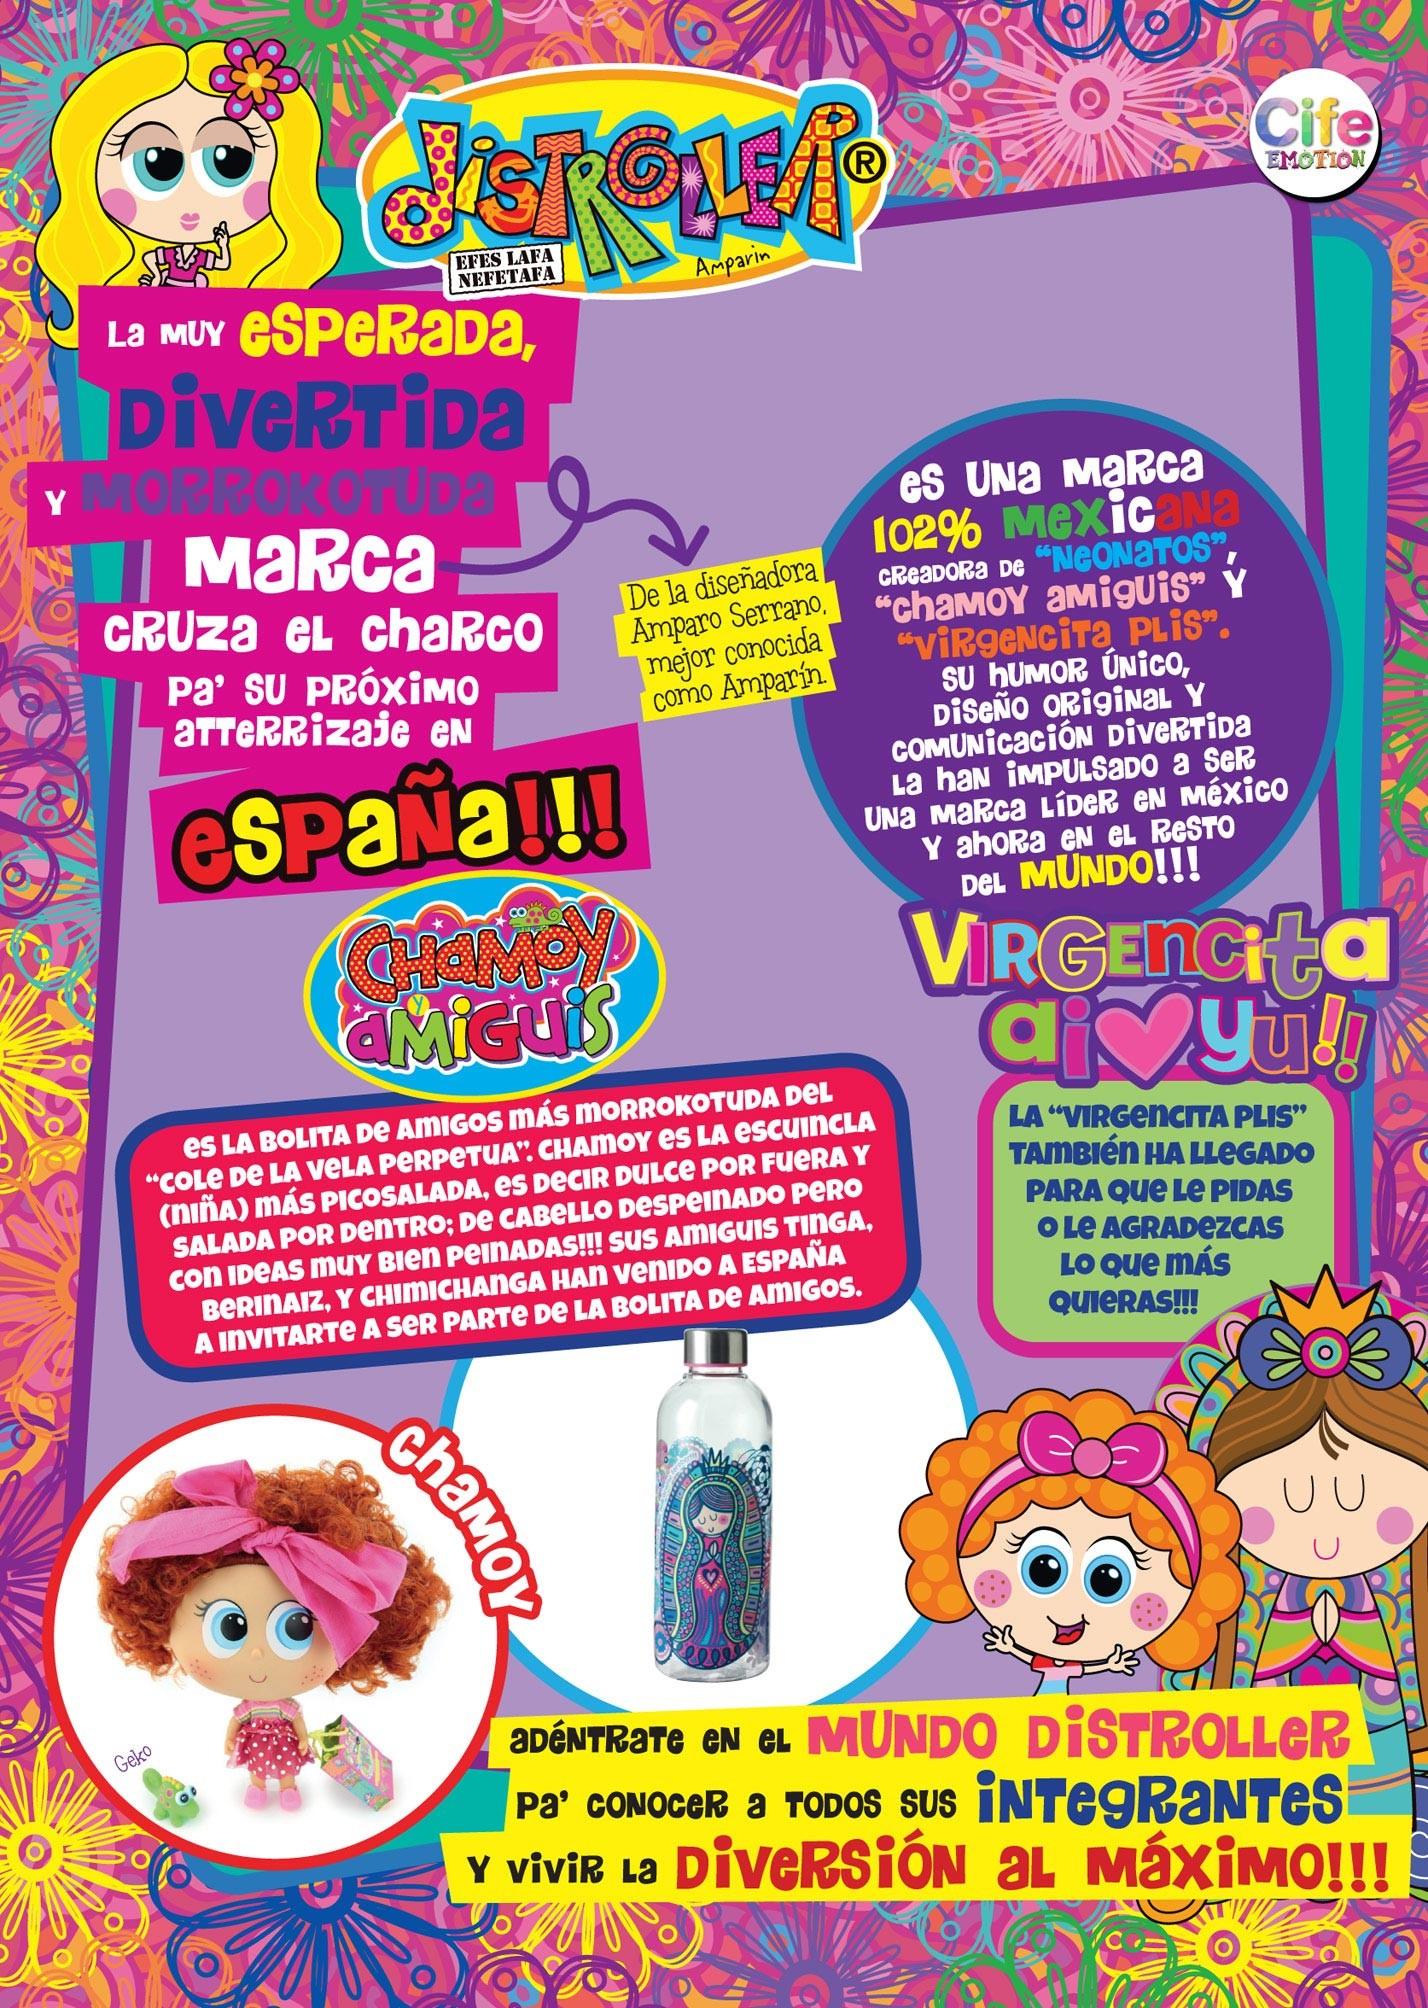 Calendario Escolar 2018 Y 2019 Mexico Sep Más Populares Catálogos Juguetes · El Corte Inglés